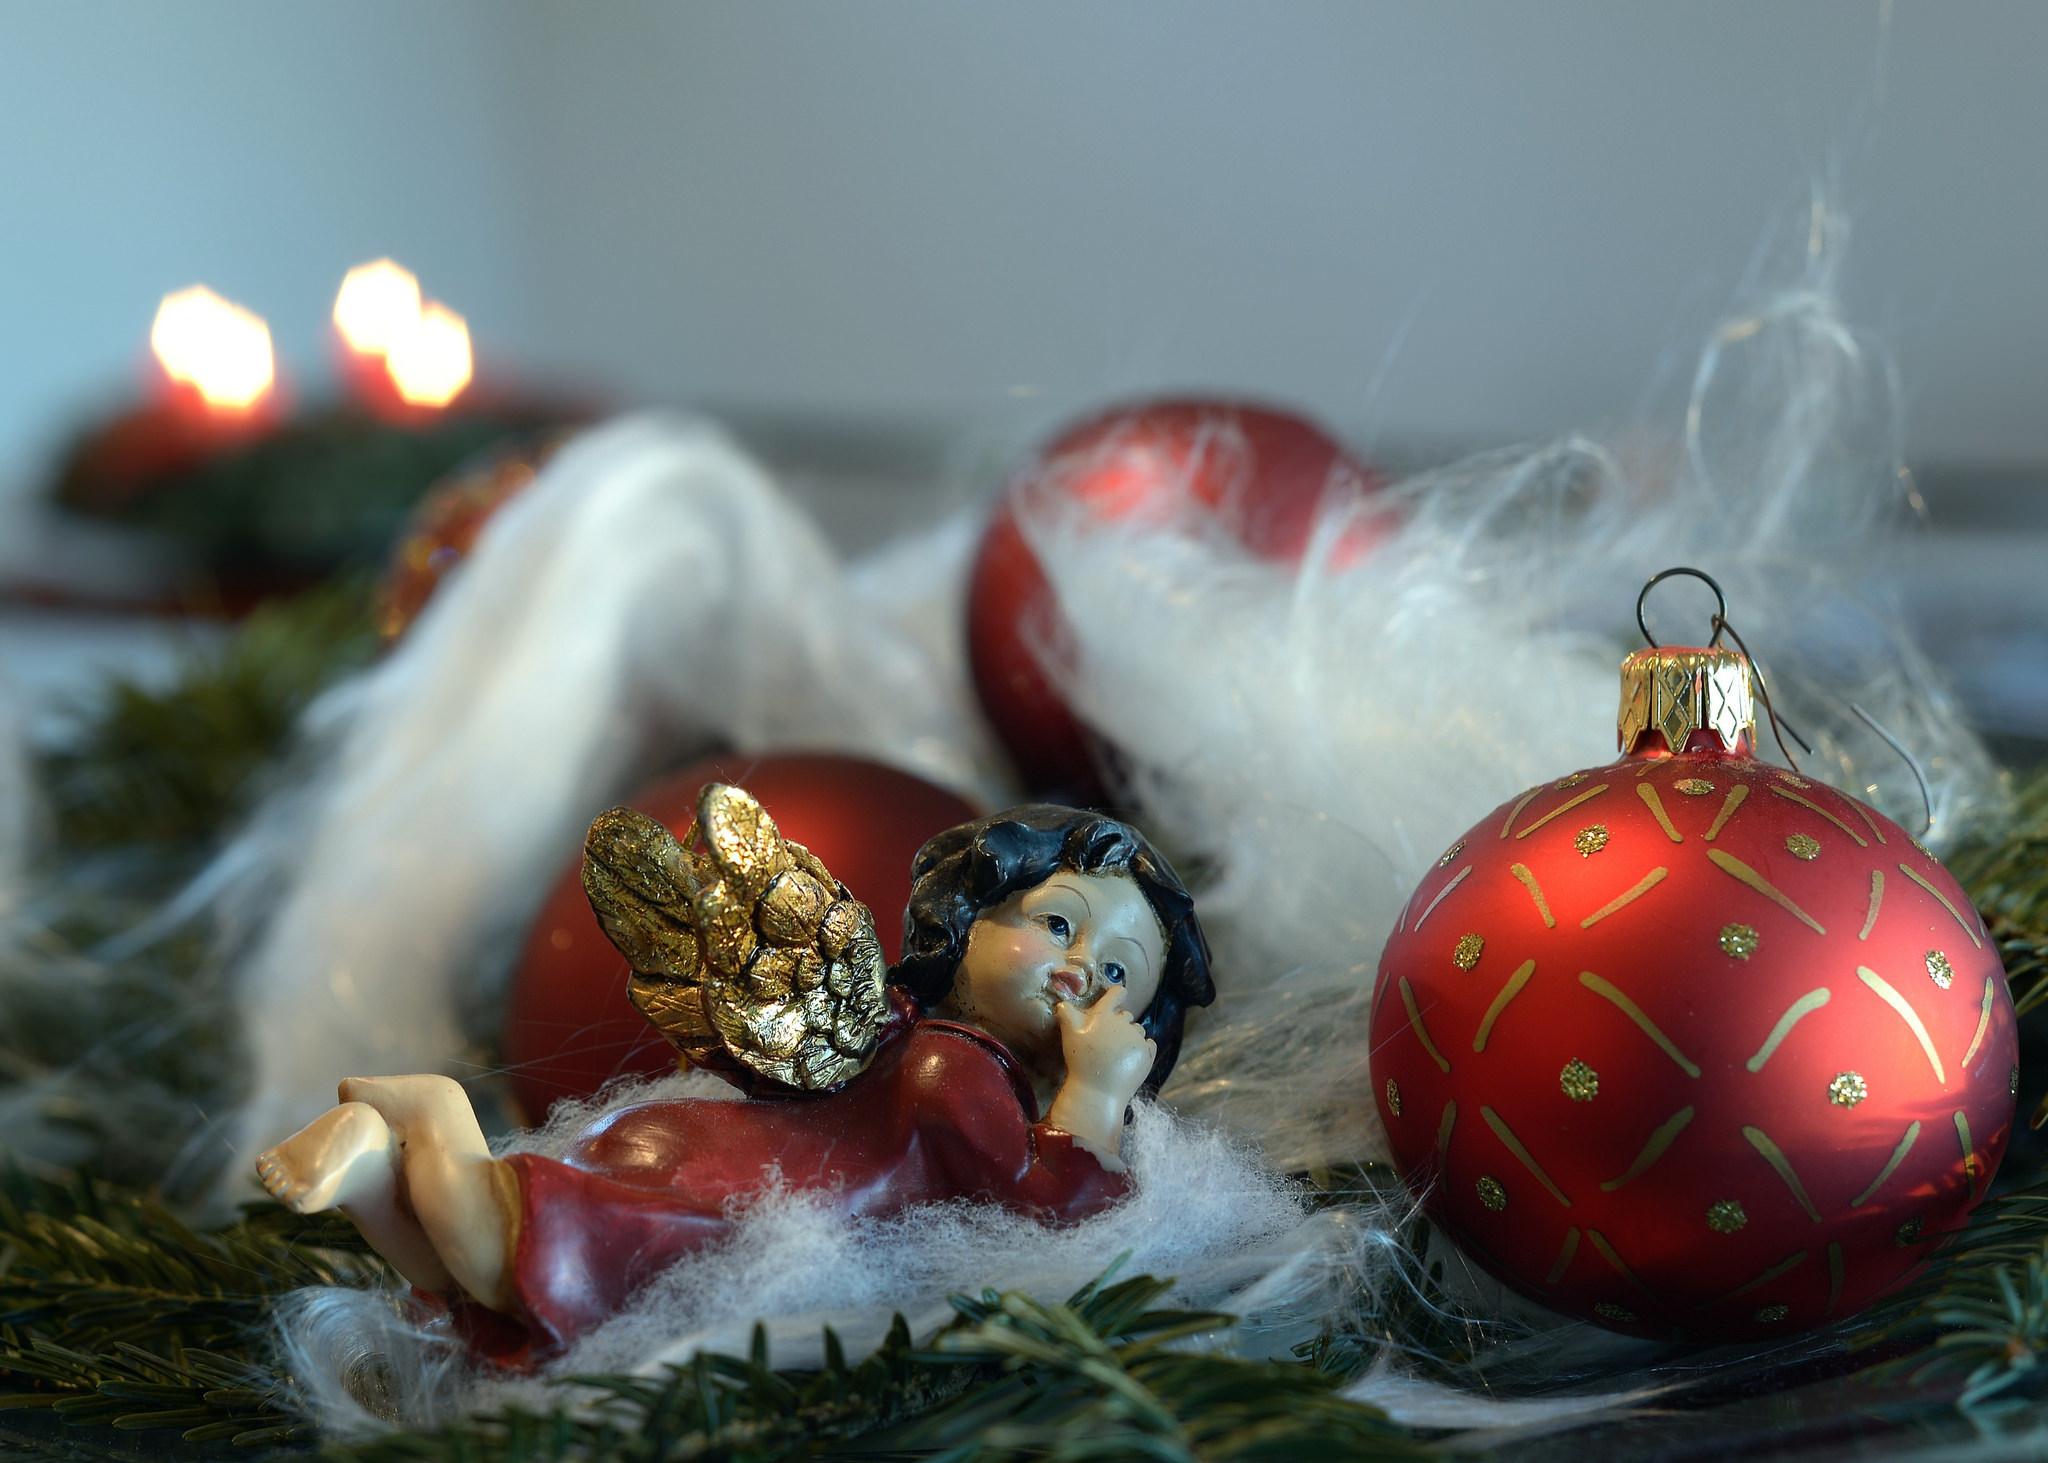 65430 Bildschirmschoner und Hintergrundbilder Feiertage auf Ihrem Telefon. Laden Sie Feiertage, Weihnachten, Neujahr, Engel, Neues Jahr, Weihnachtsbaum Spielzeug Bilder kostenlos herunter